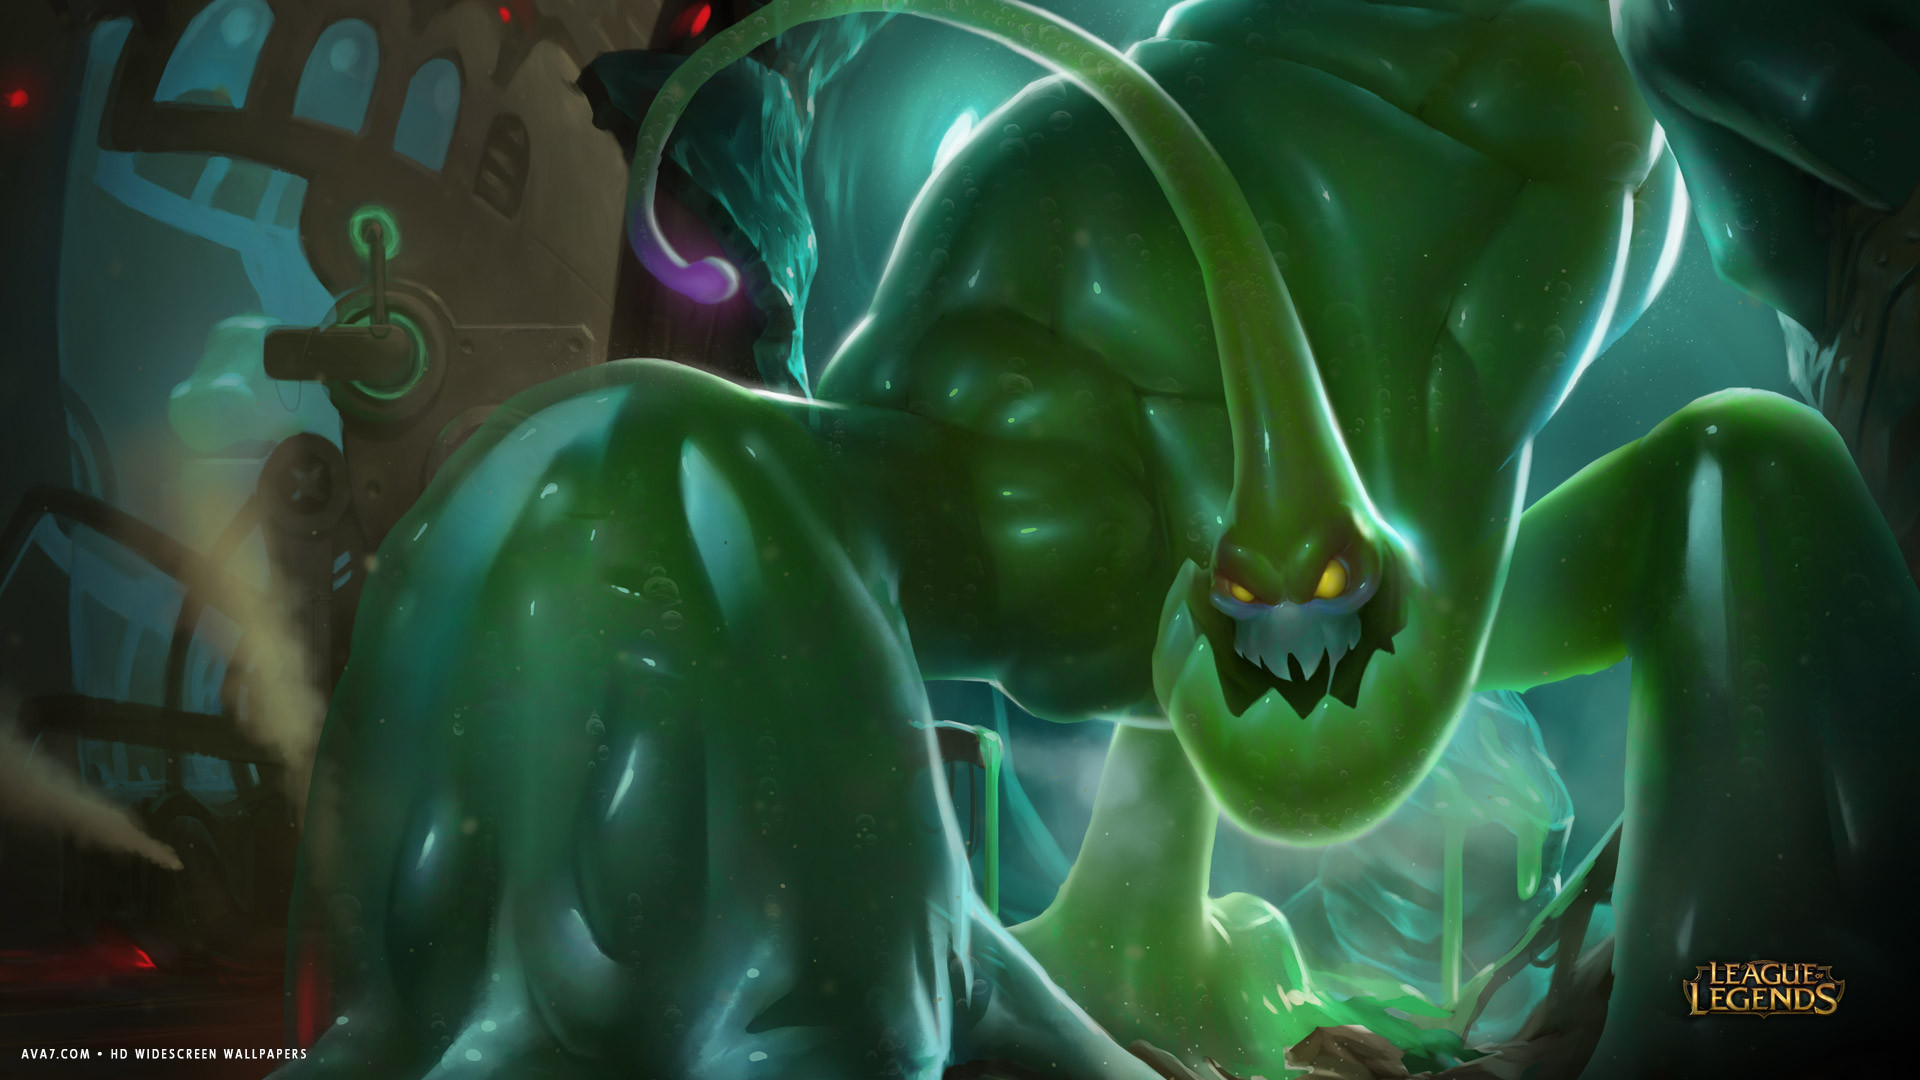 league of legends game lol zac green monster hd widescreen wallpaper